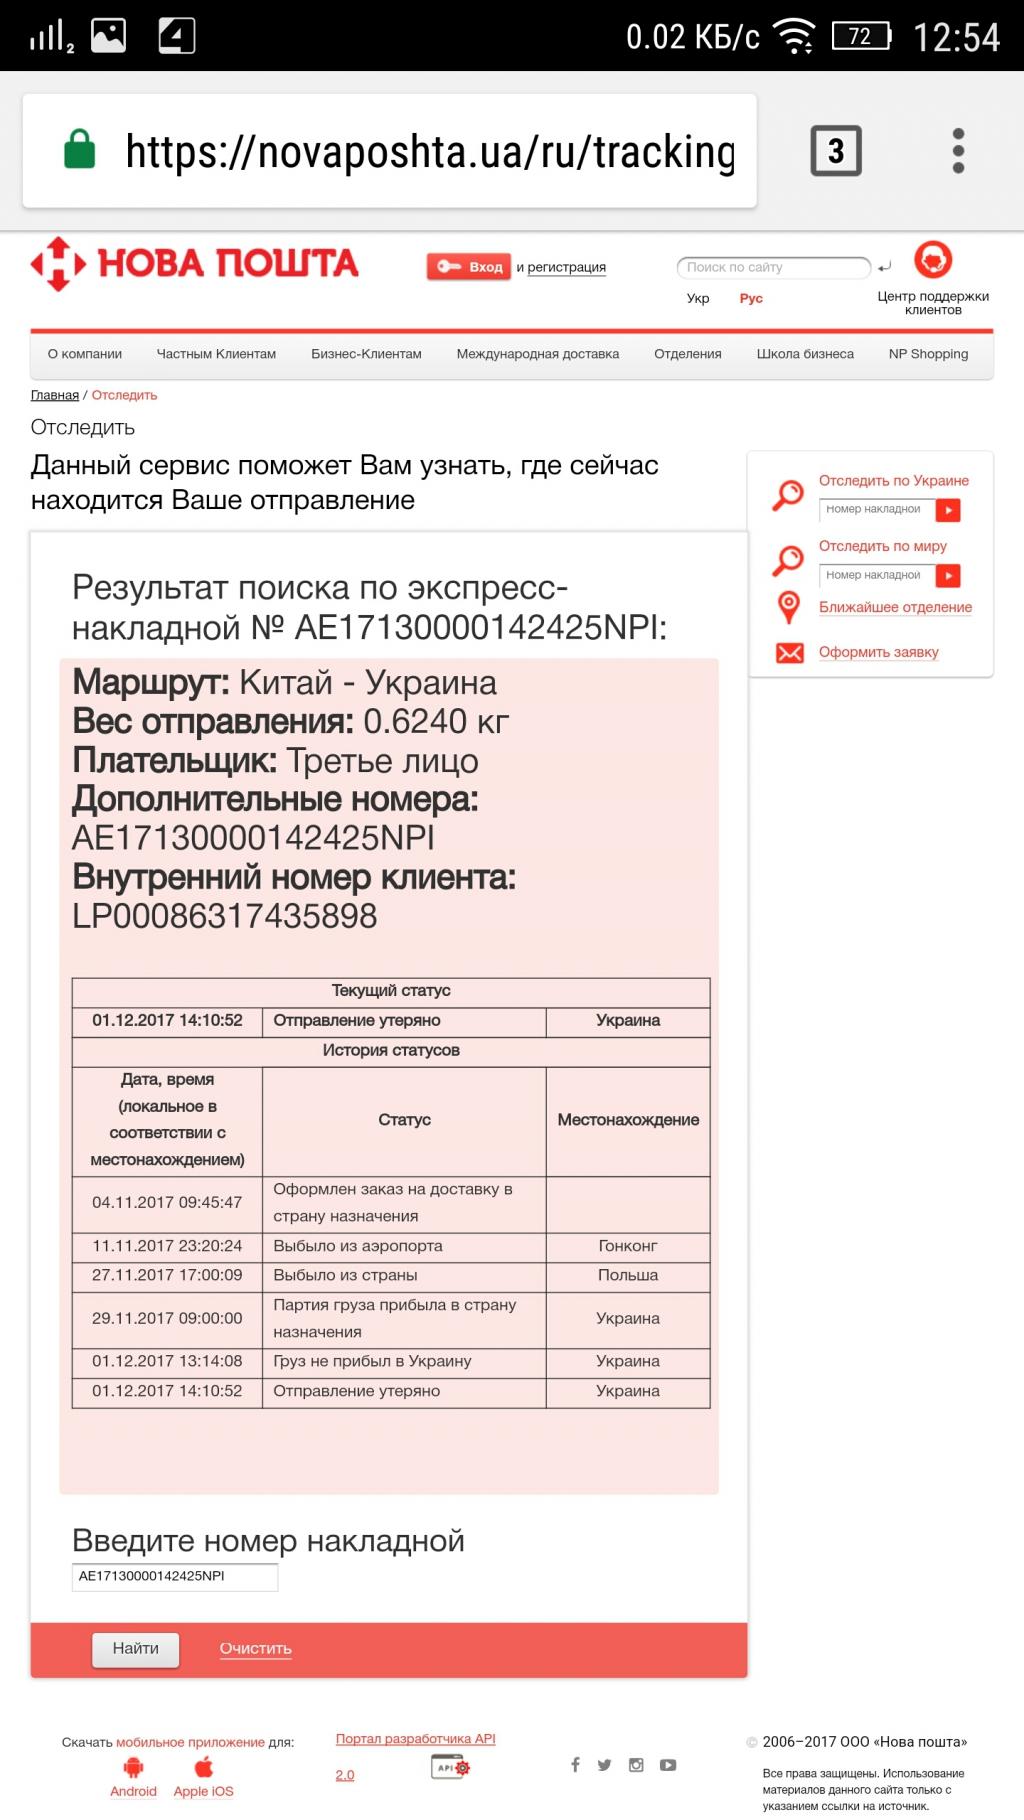 НОВАЯ ПОЧТА (Нова Пошта) - Утеряно посылка утеряна